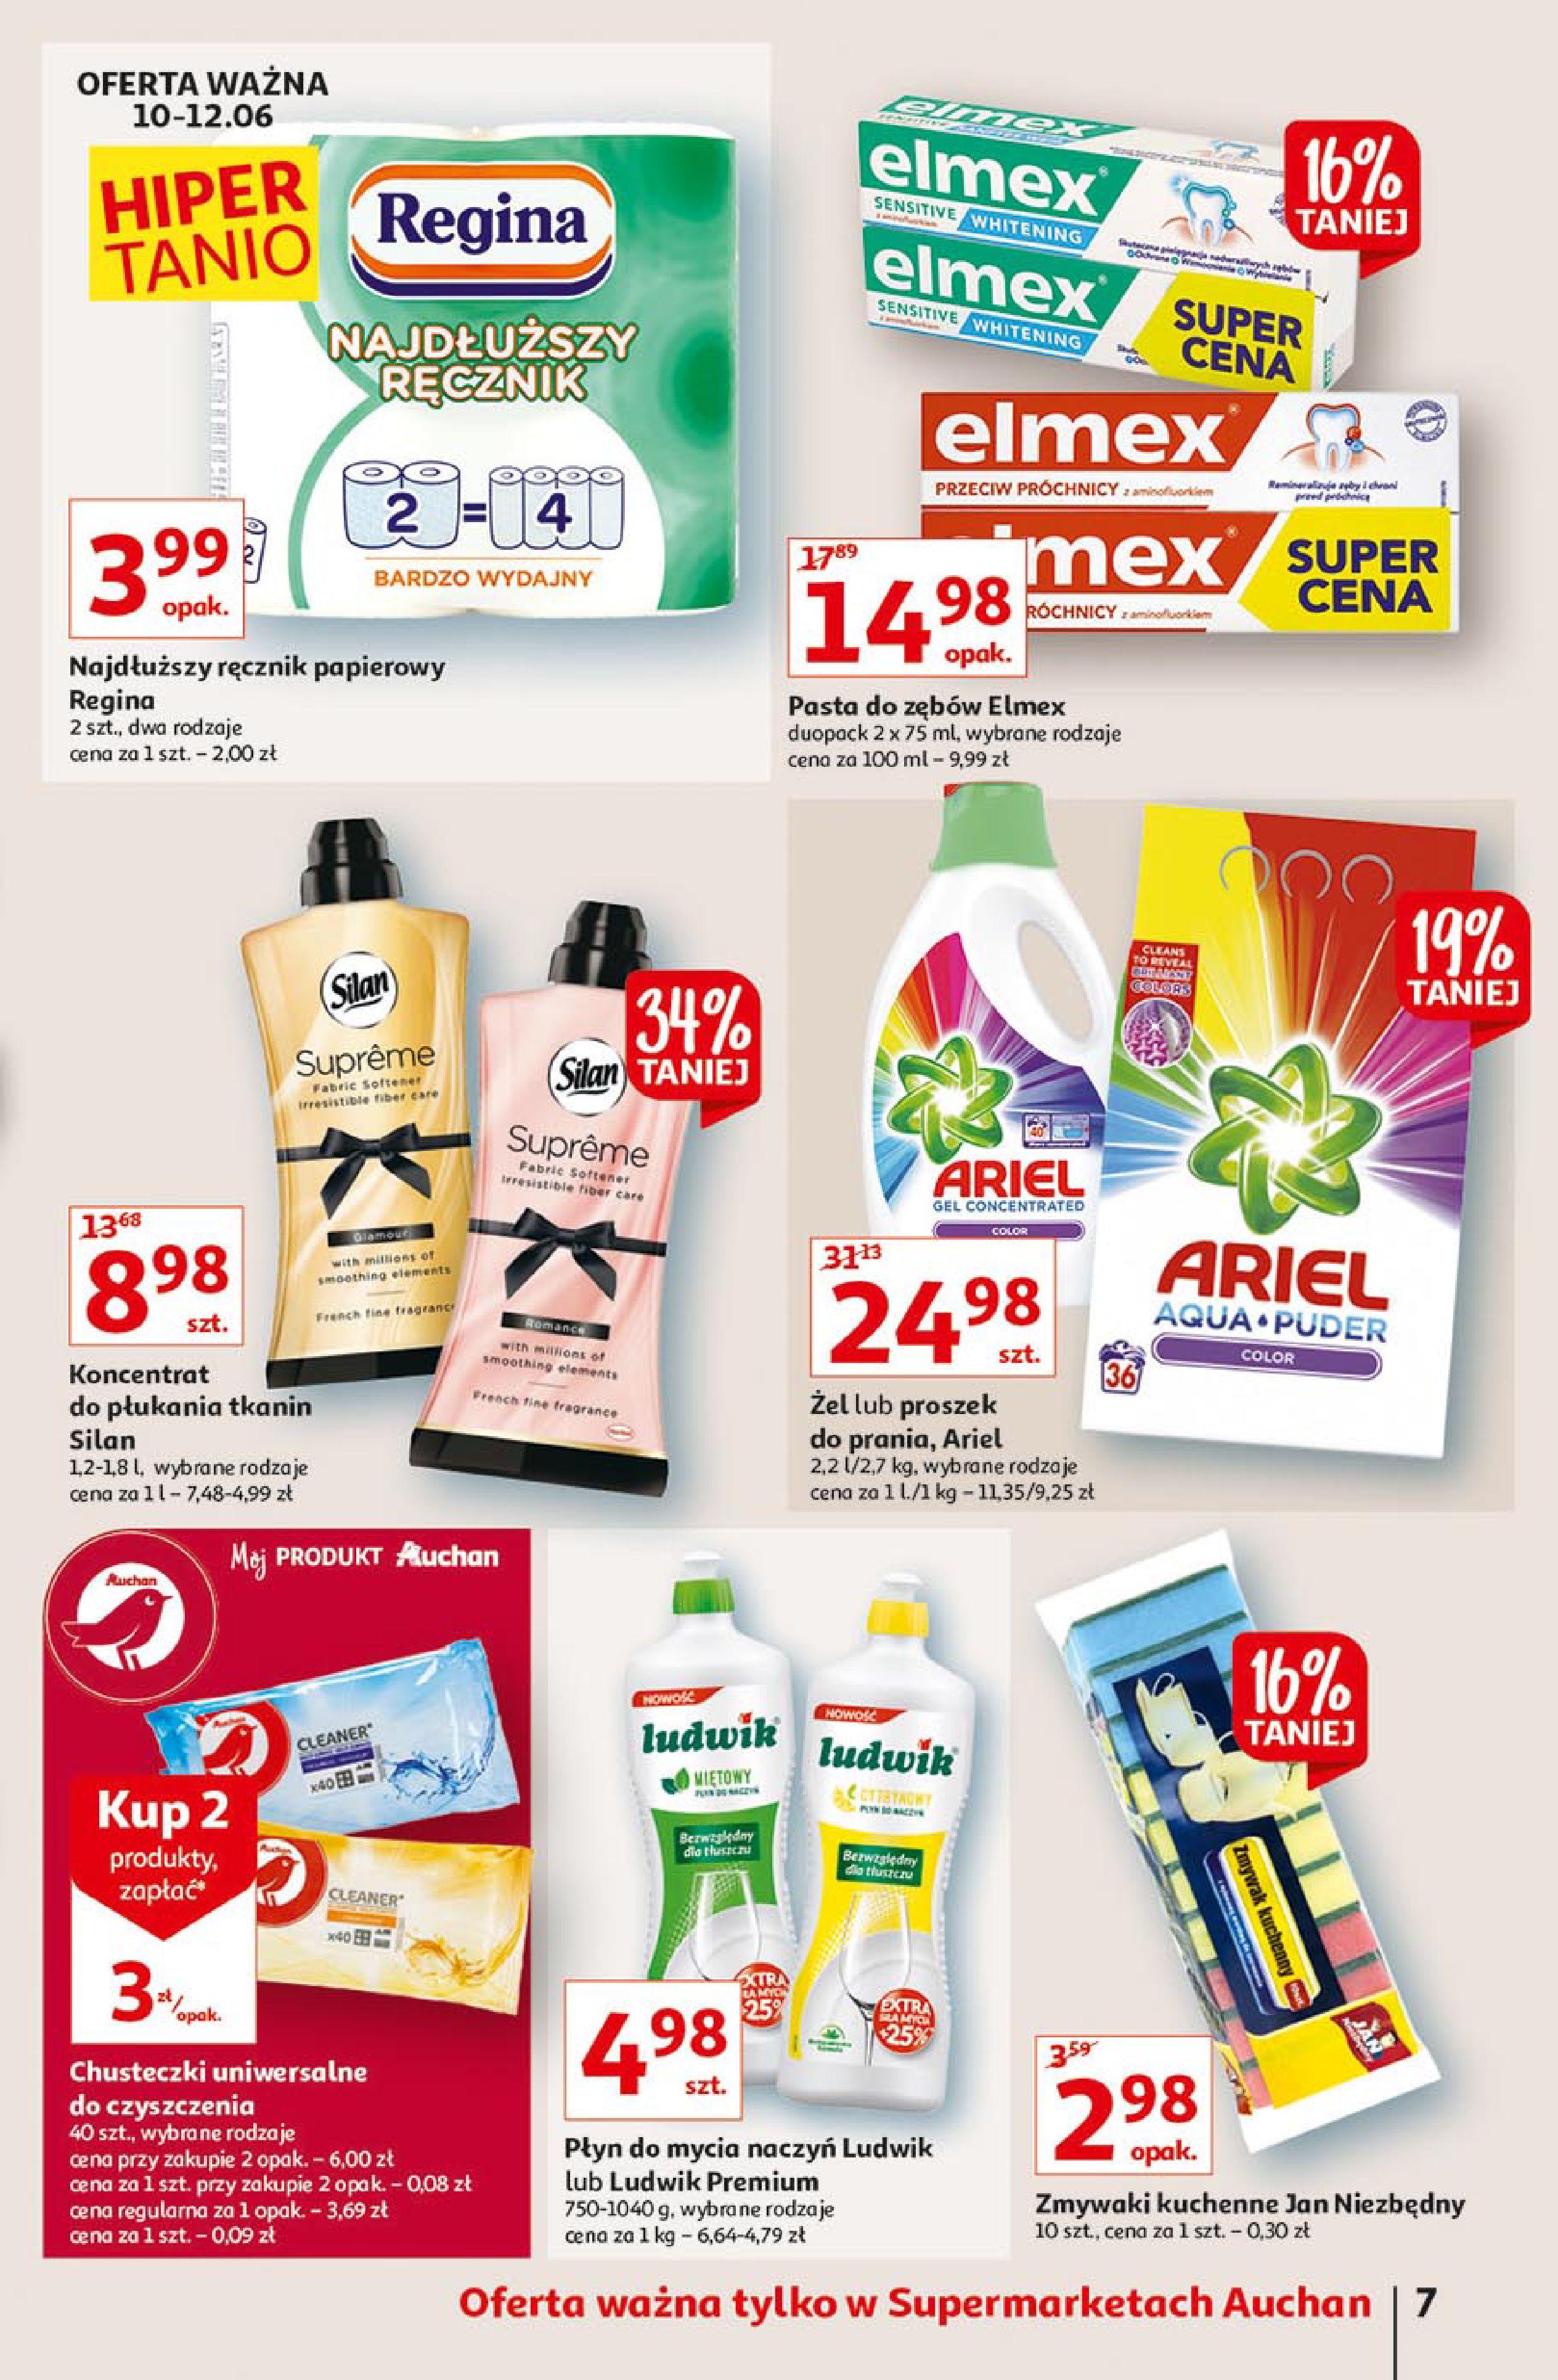 Gazetka Auchan: Gazetka Auchan Supermarket 2021-06-10 page-7